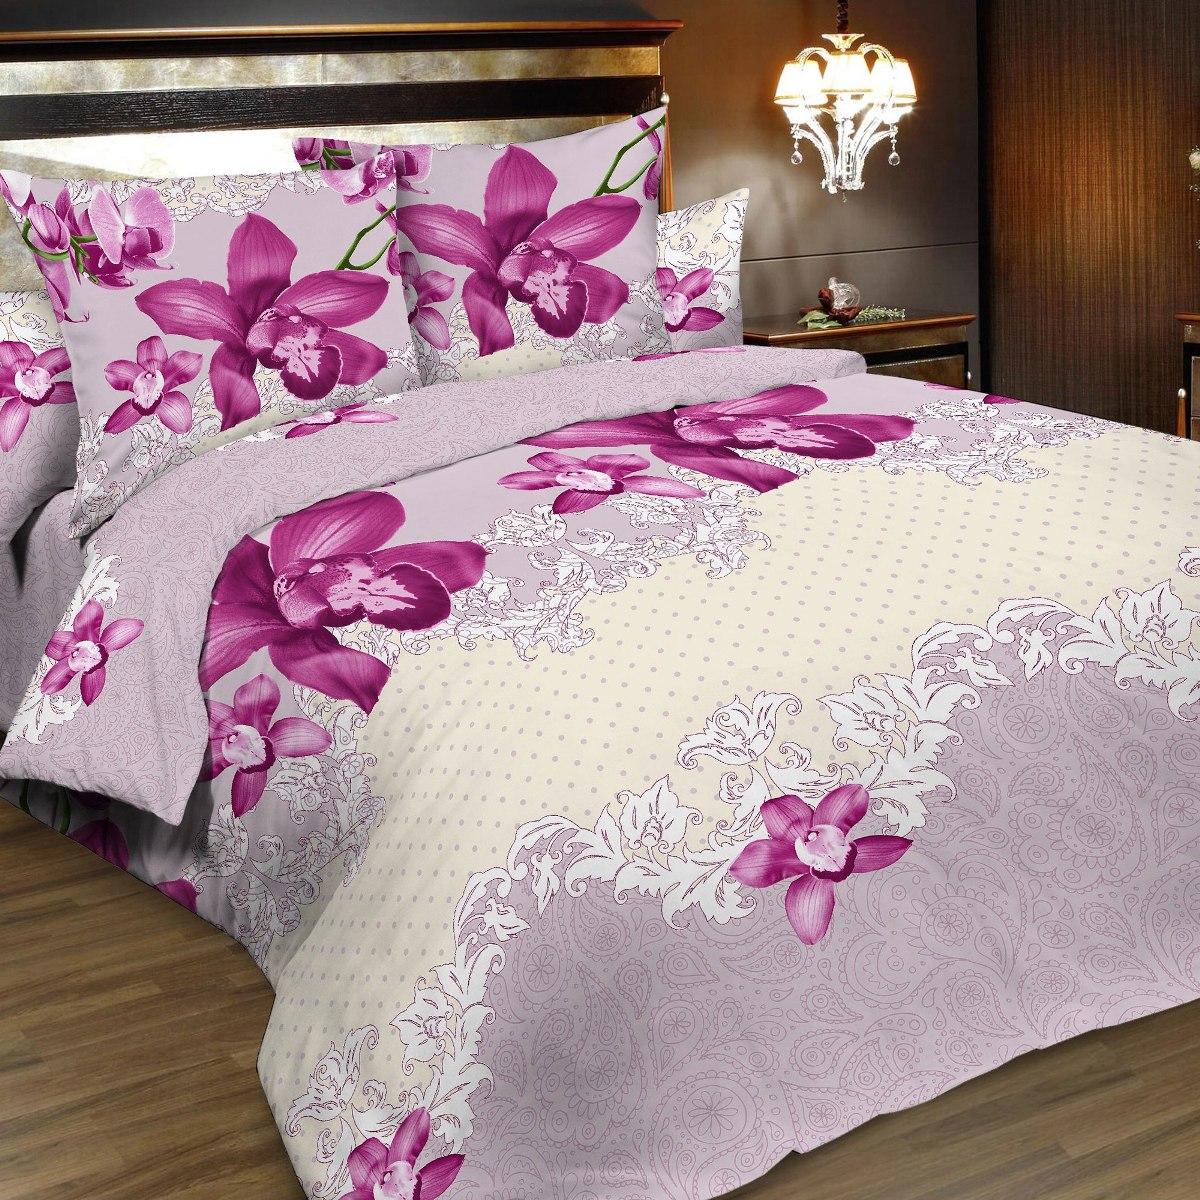 Комплект белья Letto, 1,5-спальный, наволочки 70х70. B168-3CA-3505Комплект постельного белья Letto выполнен из классической российской бязи (хлопка). Комплект состоит из пододеяльника, простыни и двух наволочек.Постельное белье, оформленное оригинальным цветочным рисунком, имеет изысканный внешний вид. Пододеяльник снабжен молнией.Благодаря такому комплекту постельного белья вы сможете создать атмосферу роскоши и романтики в вашей спальне. Уважаемые клиенты! Обращаем ваше внимание на тот факт, что расцветка наволочек может отличаться от представленной на фото.